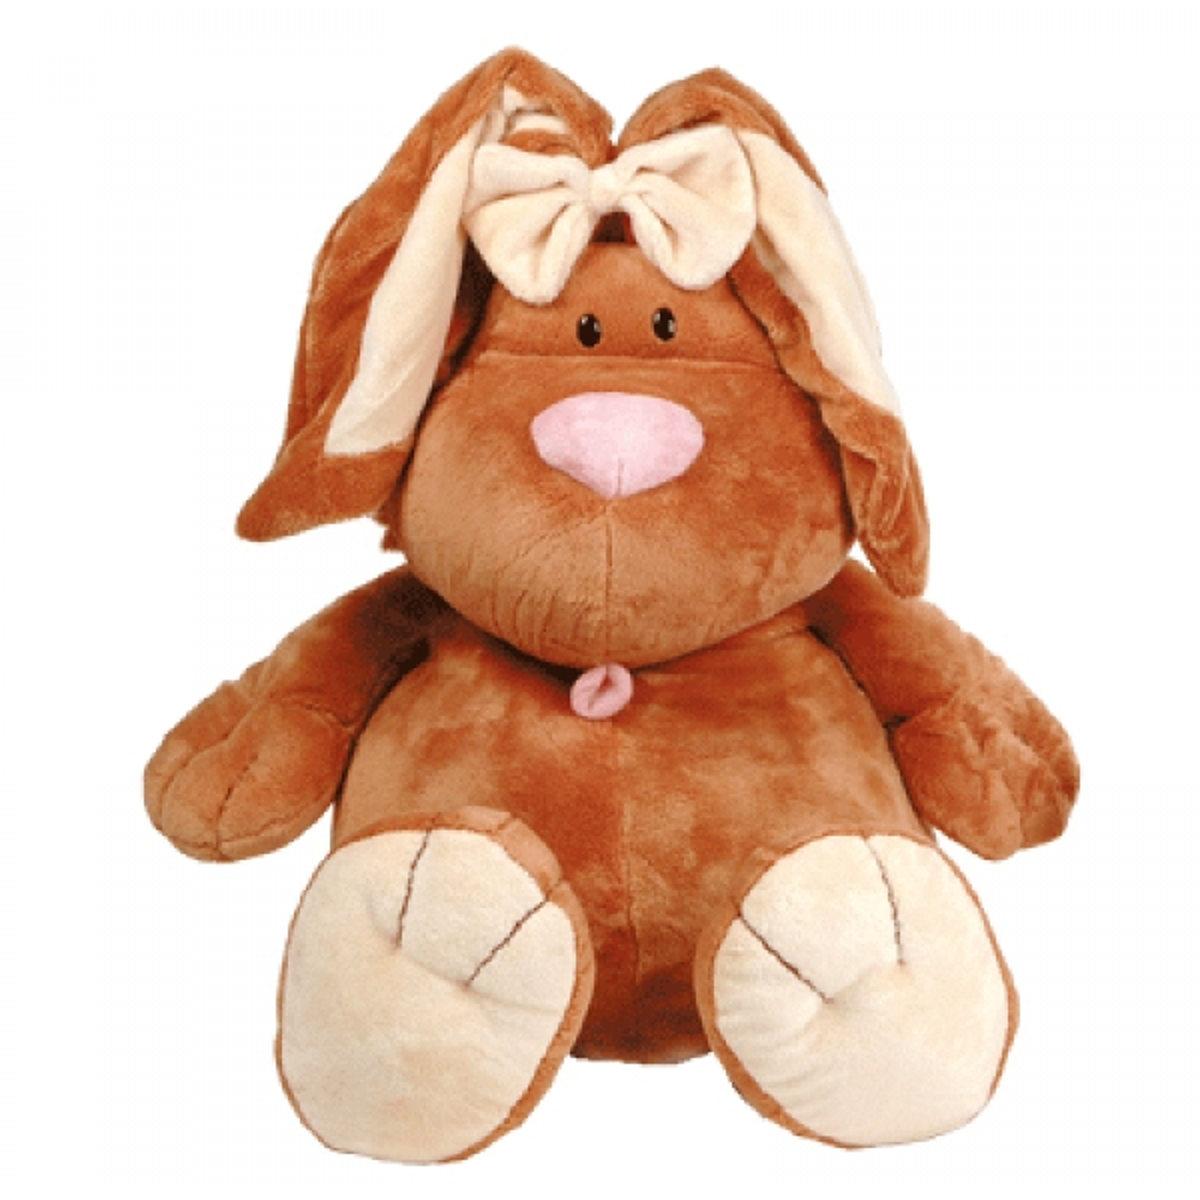 Купить 7-42045, Мягкая игрушка Gulliver Кролик КОРИЧНЕВЫЙ сидячий, 40 см, Gulliver мягкая игрушка (shop: GulliverMarket Gulliver Market)